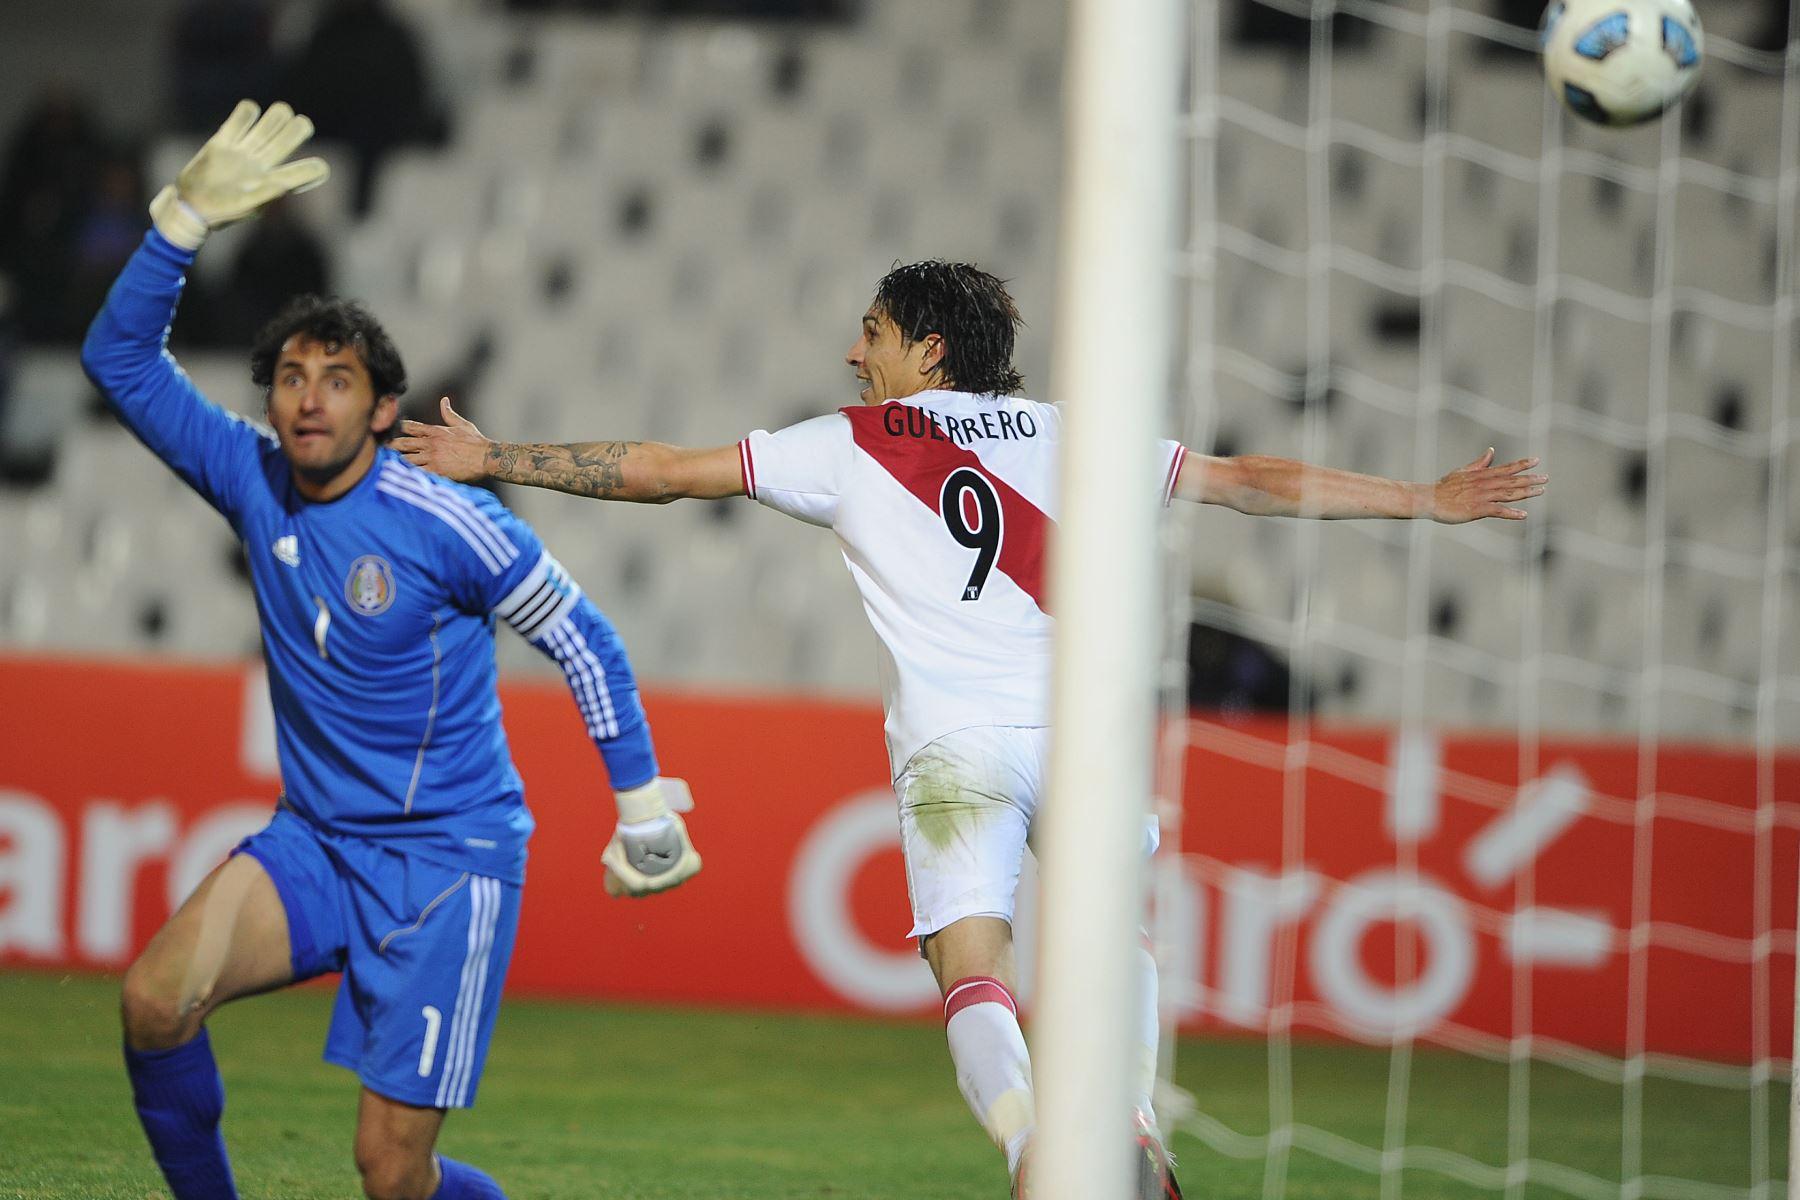 Paolo Guerrero anota contra el portero mexicano Luis Michel durante su primer partido de fútbol de la Copa América Grupo C, en el estadio Malvinas Argentina el 8 de julio de 2011. Perú ganó 1 -0.Foto: AFP